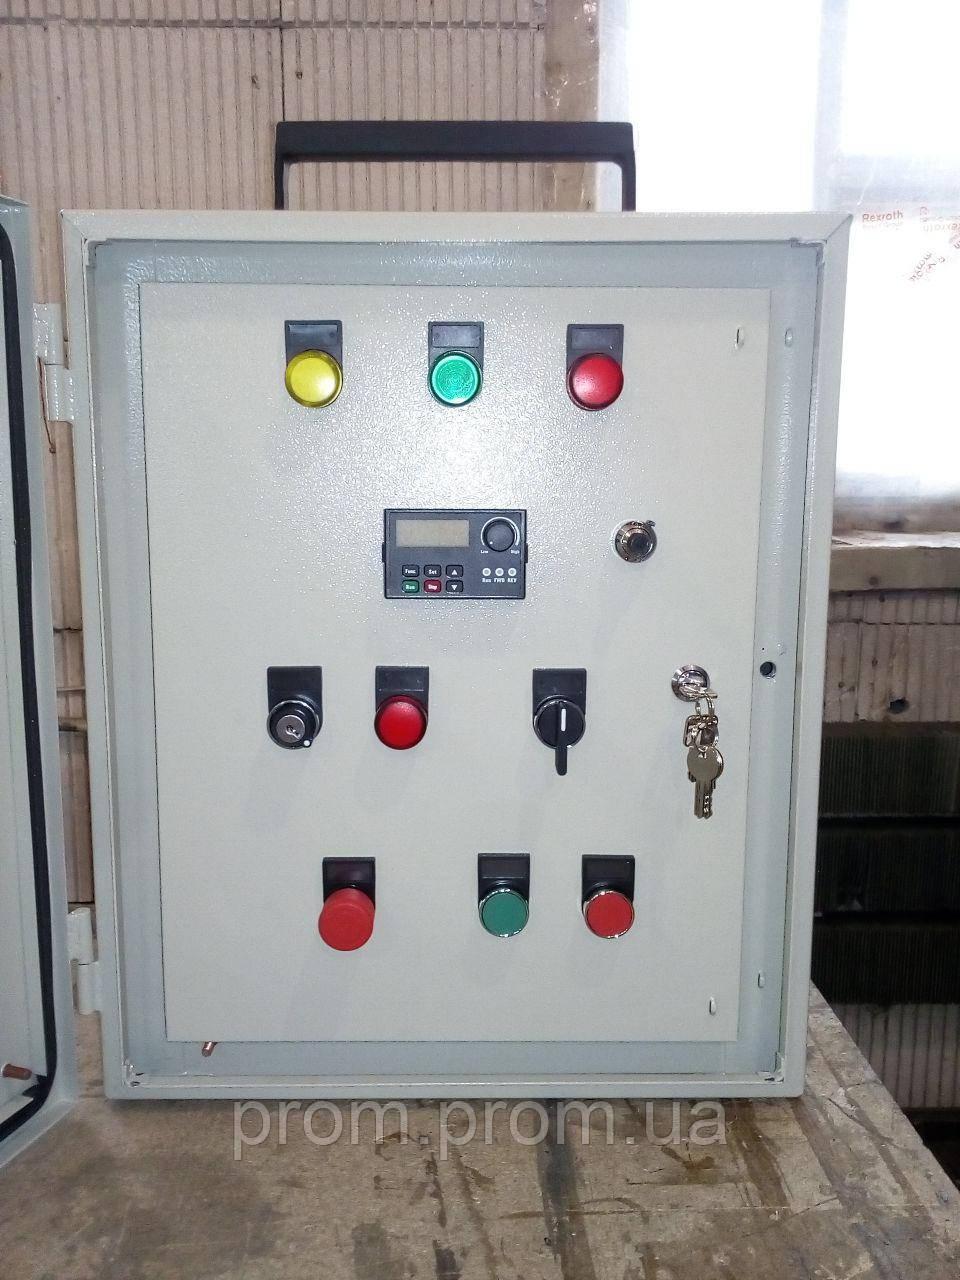 Шкаф управления с частотным преобразователем мобильный переносной.